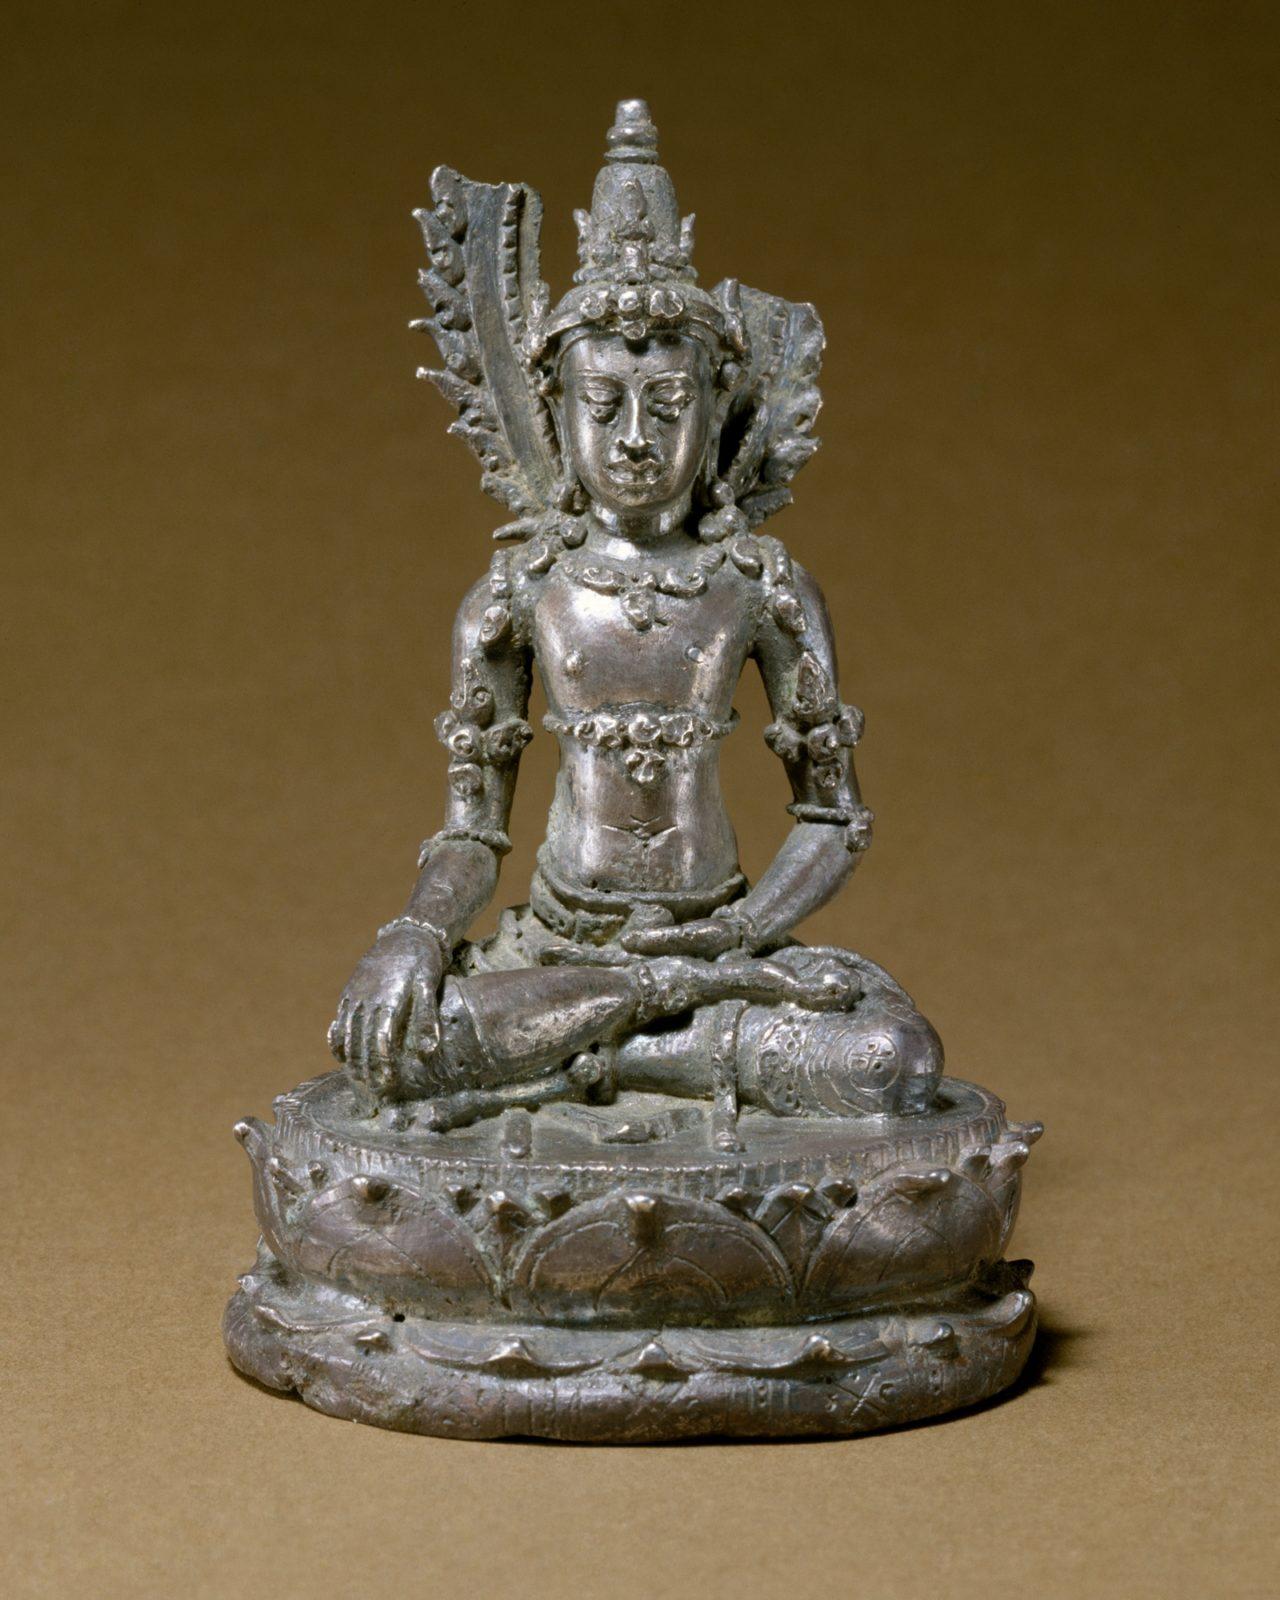 Seated Transcendent Buddha Akshobhya (?) - PICRYL Public